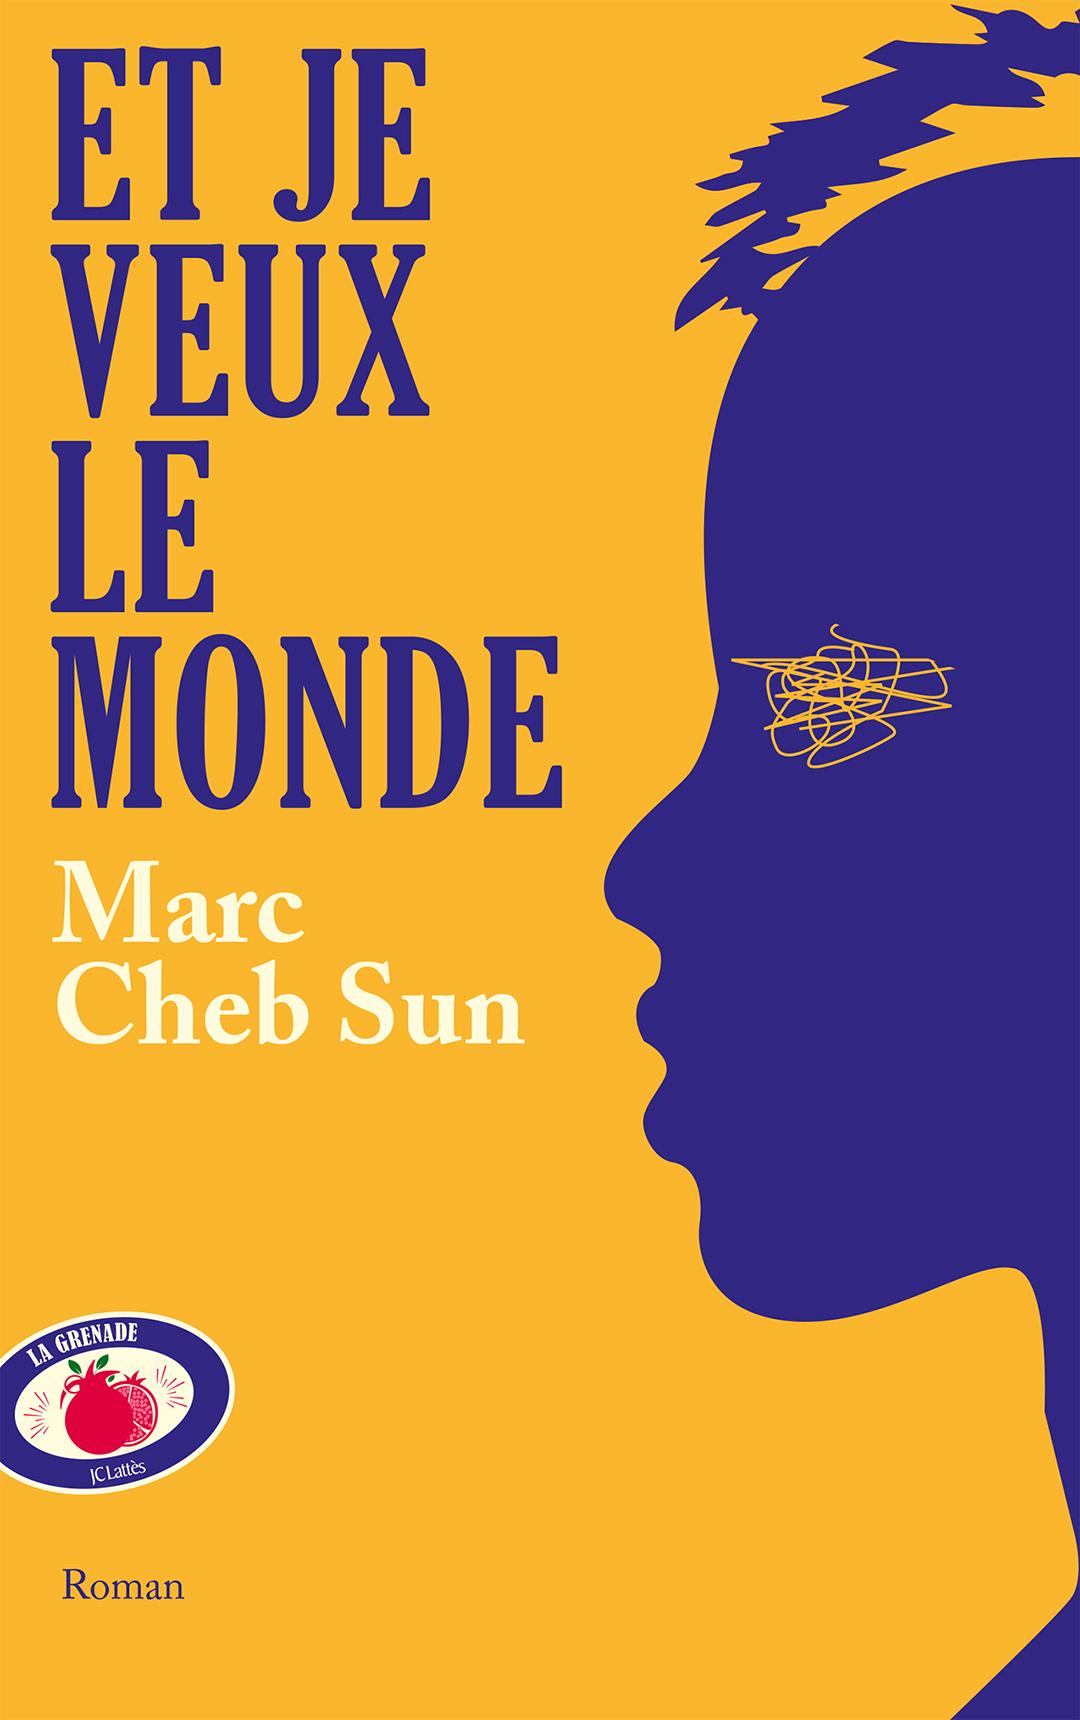 «Et je veux le monde» de Marc Cheb Sun, JC Lattès, collection La Grenade, 336 pages, 19 euros